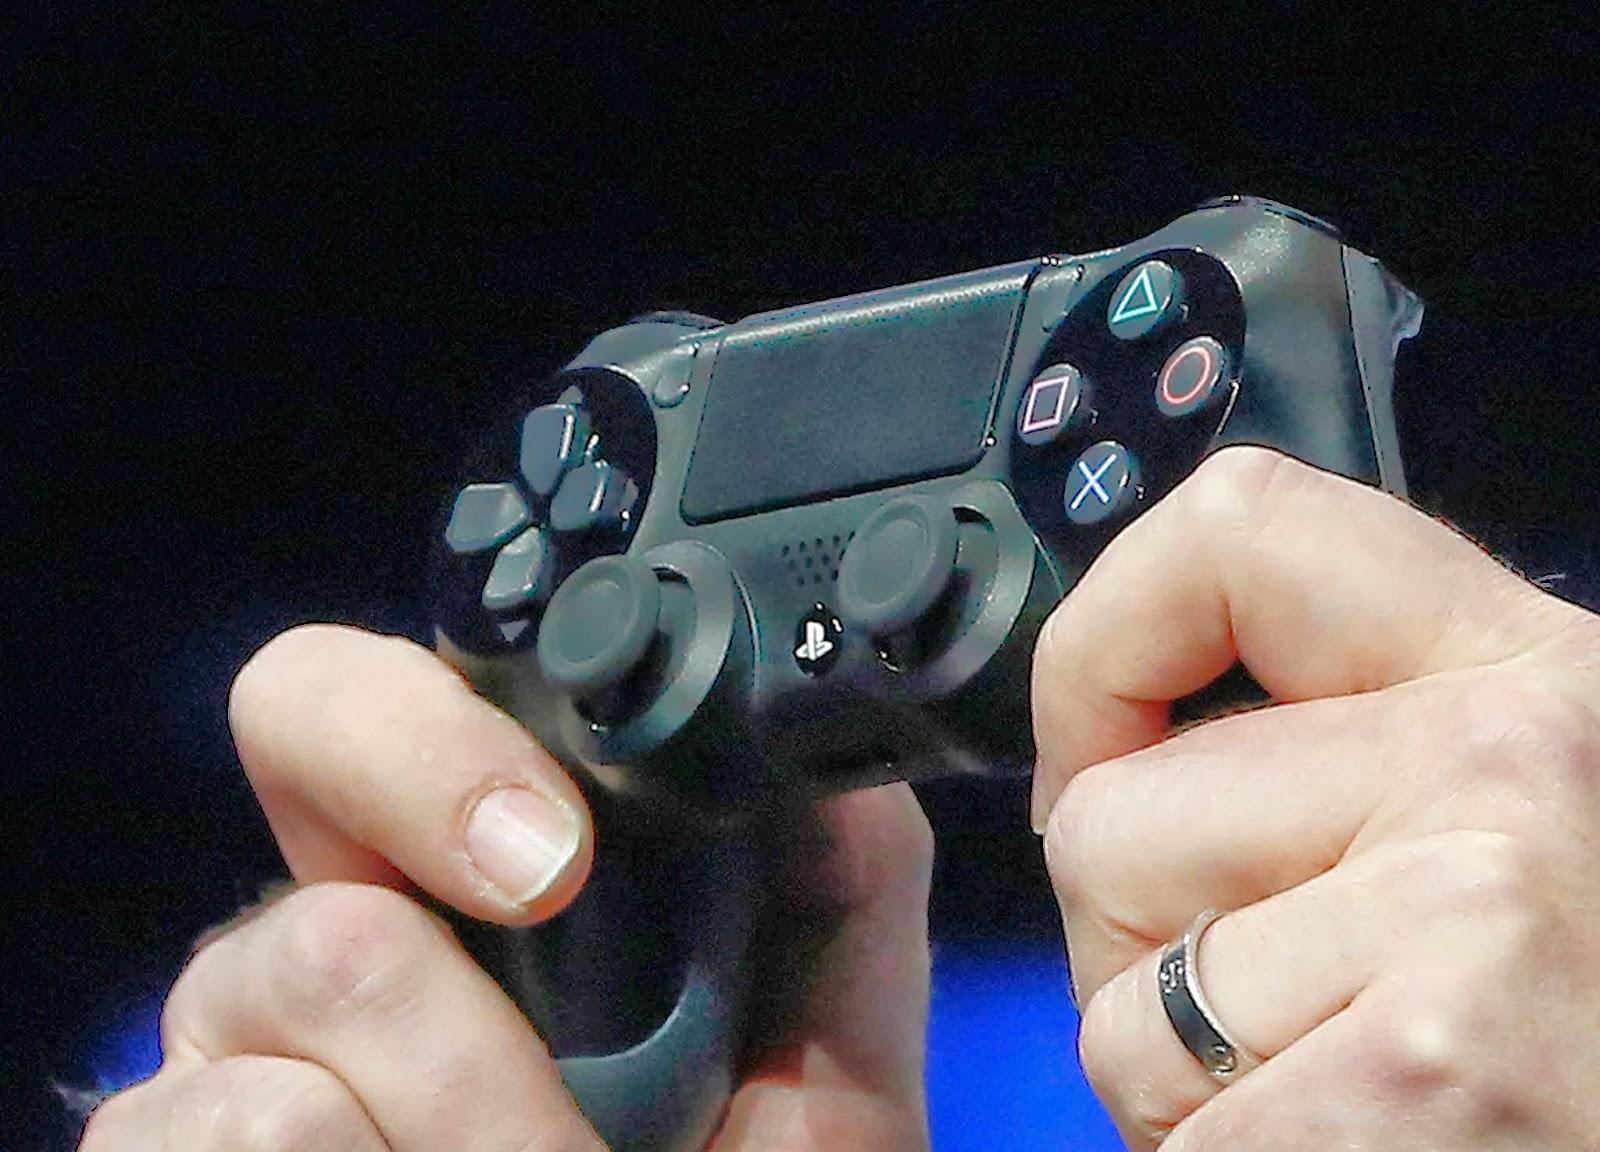 Sony Computer Entertainment (SCE) anunció hoy que su nueva consola doméstica, Playstation 4, ha superado los 6 millones de unidades vendidas menos de cuatro meses después de haber sido lanzada al mercado, lo que supera sus expectativas de éxito para el dispositivo. La compañía tokiota preveía vender unos 5 millones de unidades entre su fecha de lanzamiento, el pasado noviembre, y marzo de 2014. La cifra supera de este modo a su antecesora, la Playstation 3 (que en el mismo periodo vendió 3,55 millones de unidades) y a sus competidoras directas Xbox one, que ha comercializado en torno a 3,5